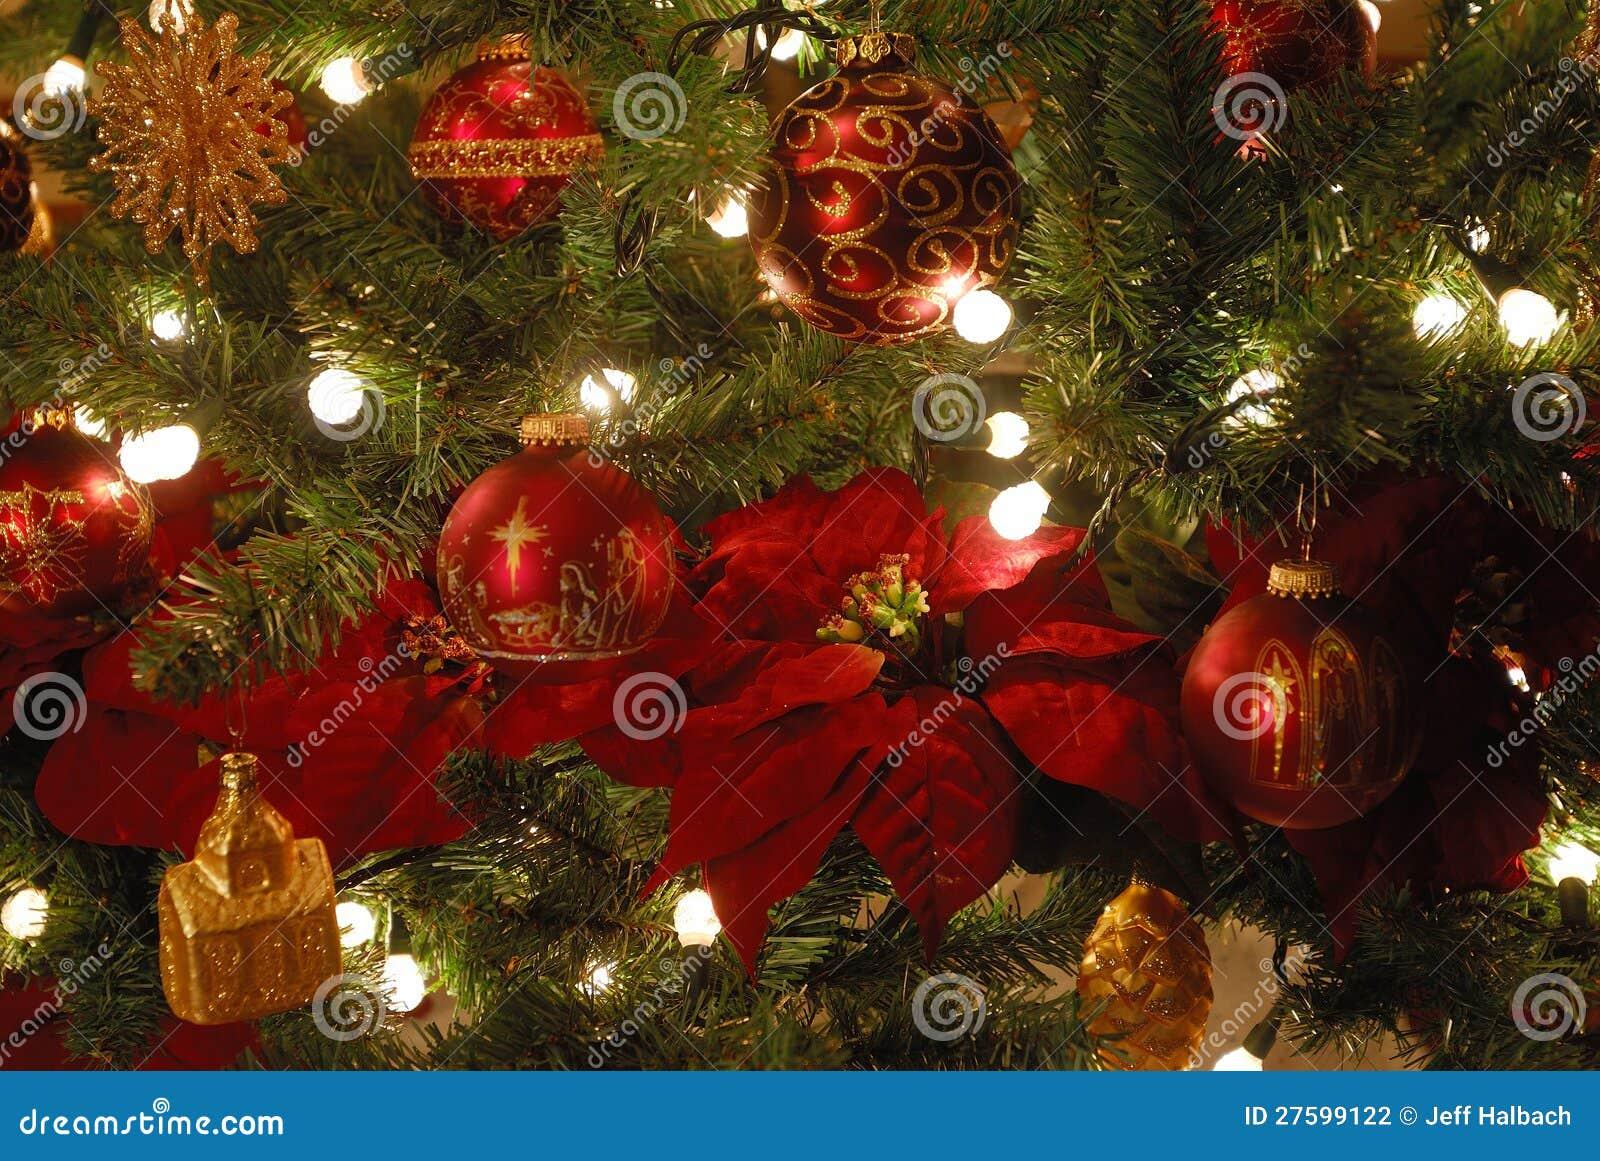 Kerstboomornamenten